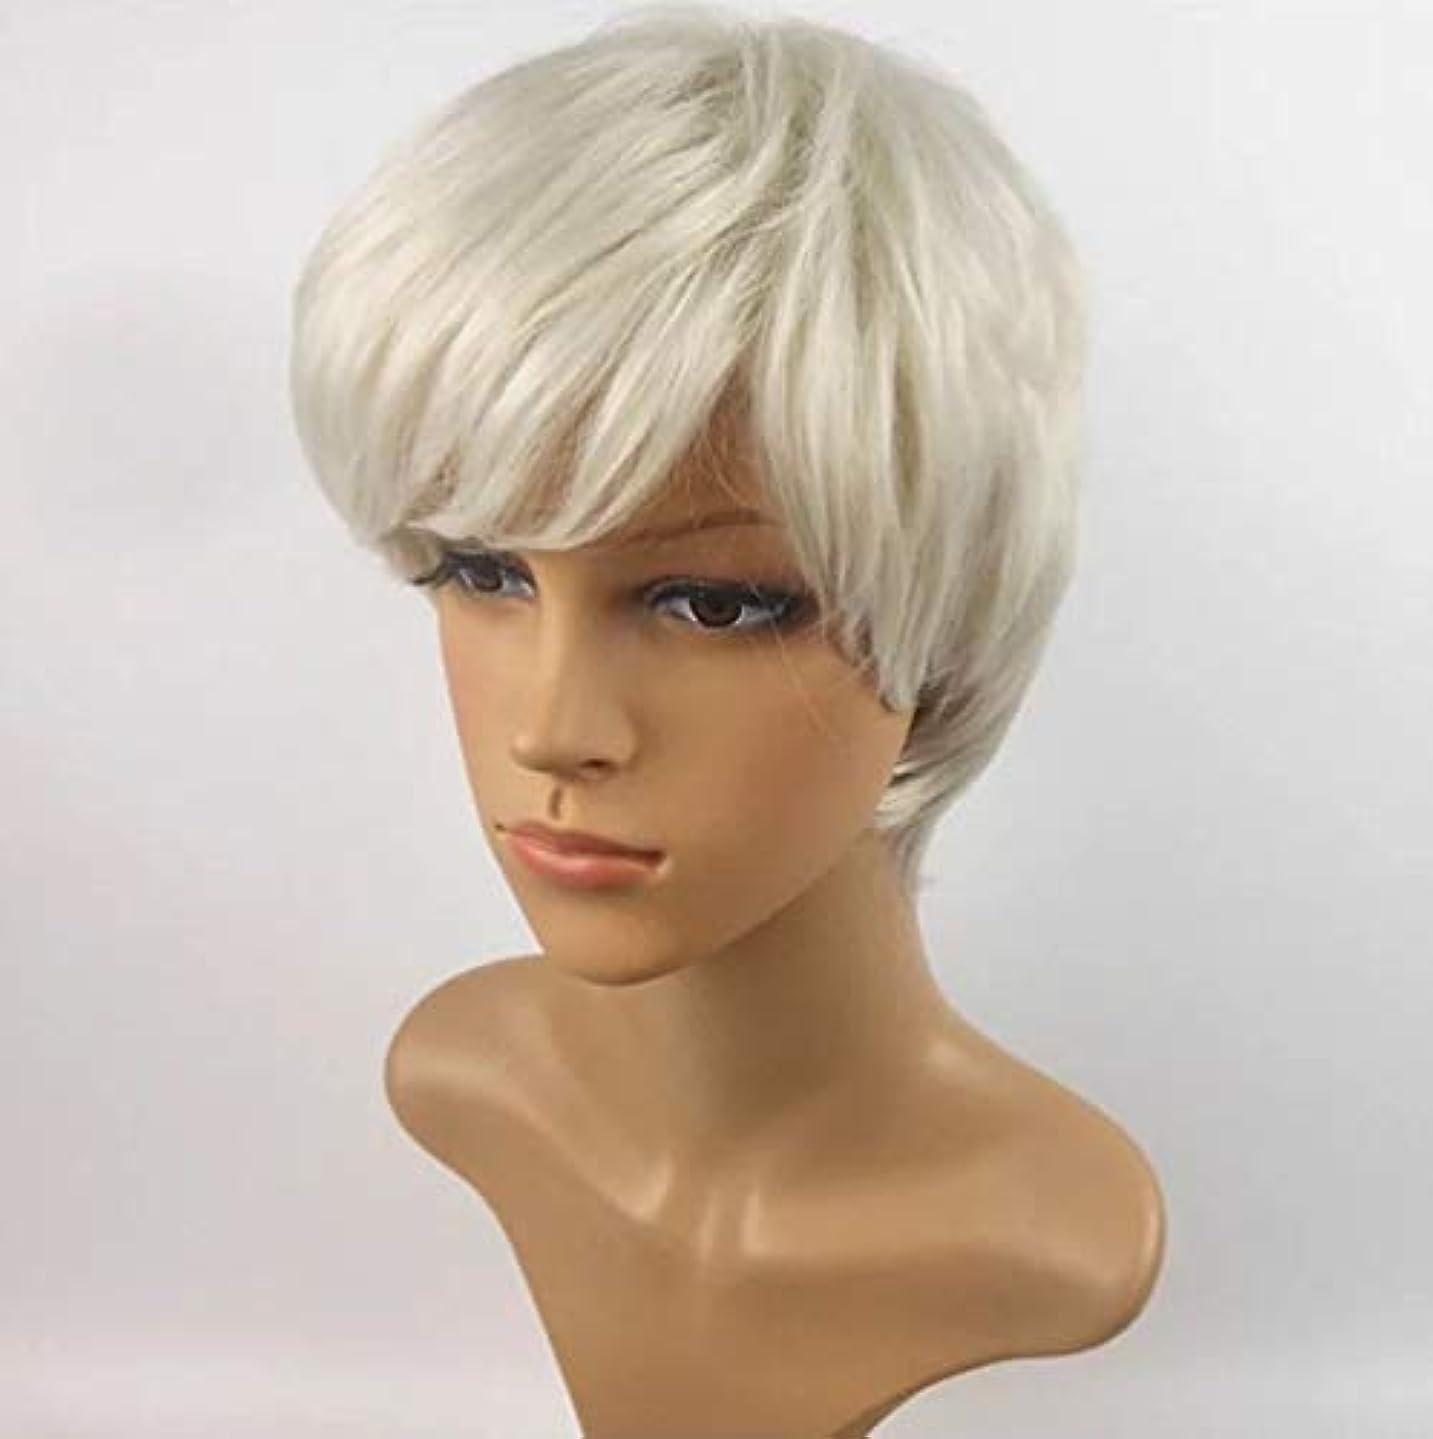 太鼓腹ヘクタールであるSummerys 短い巻き毛のかつら髪かつら女性のための自然な耐熱フルウィッグ (Color : White)